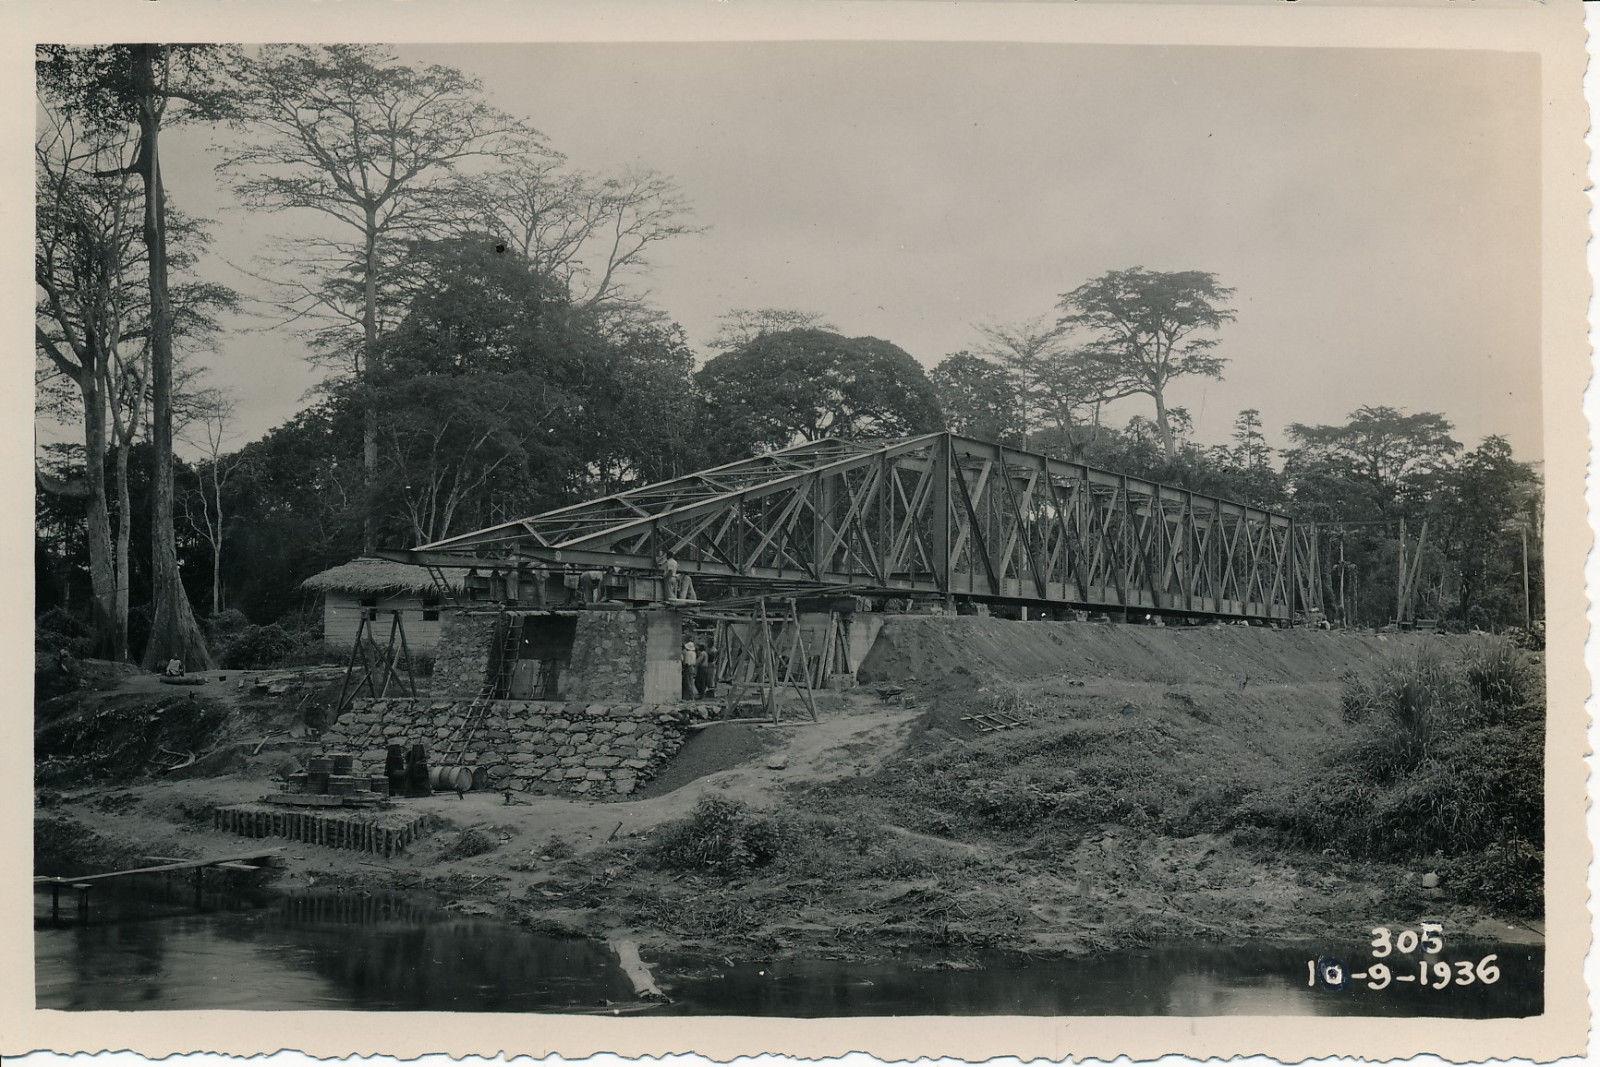 10.09.36. Строительство моста Ломе